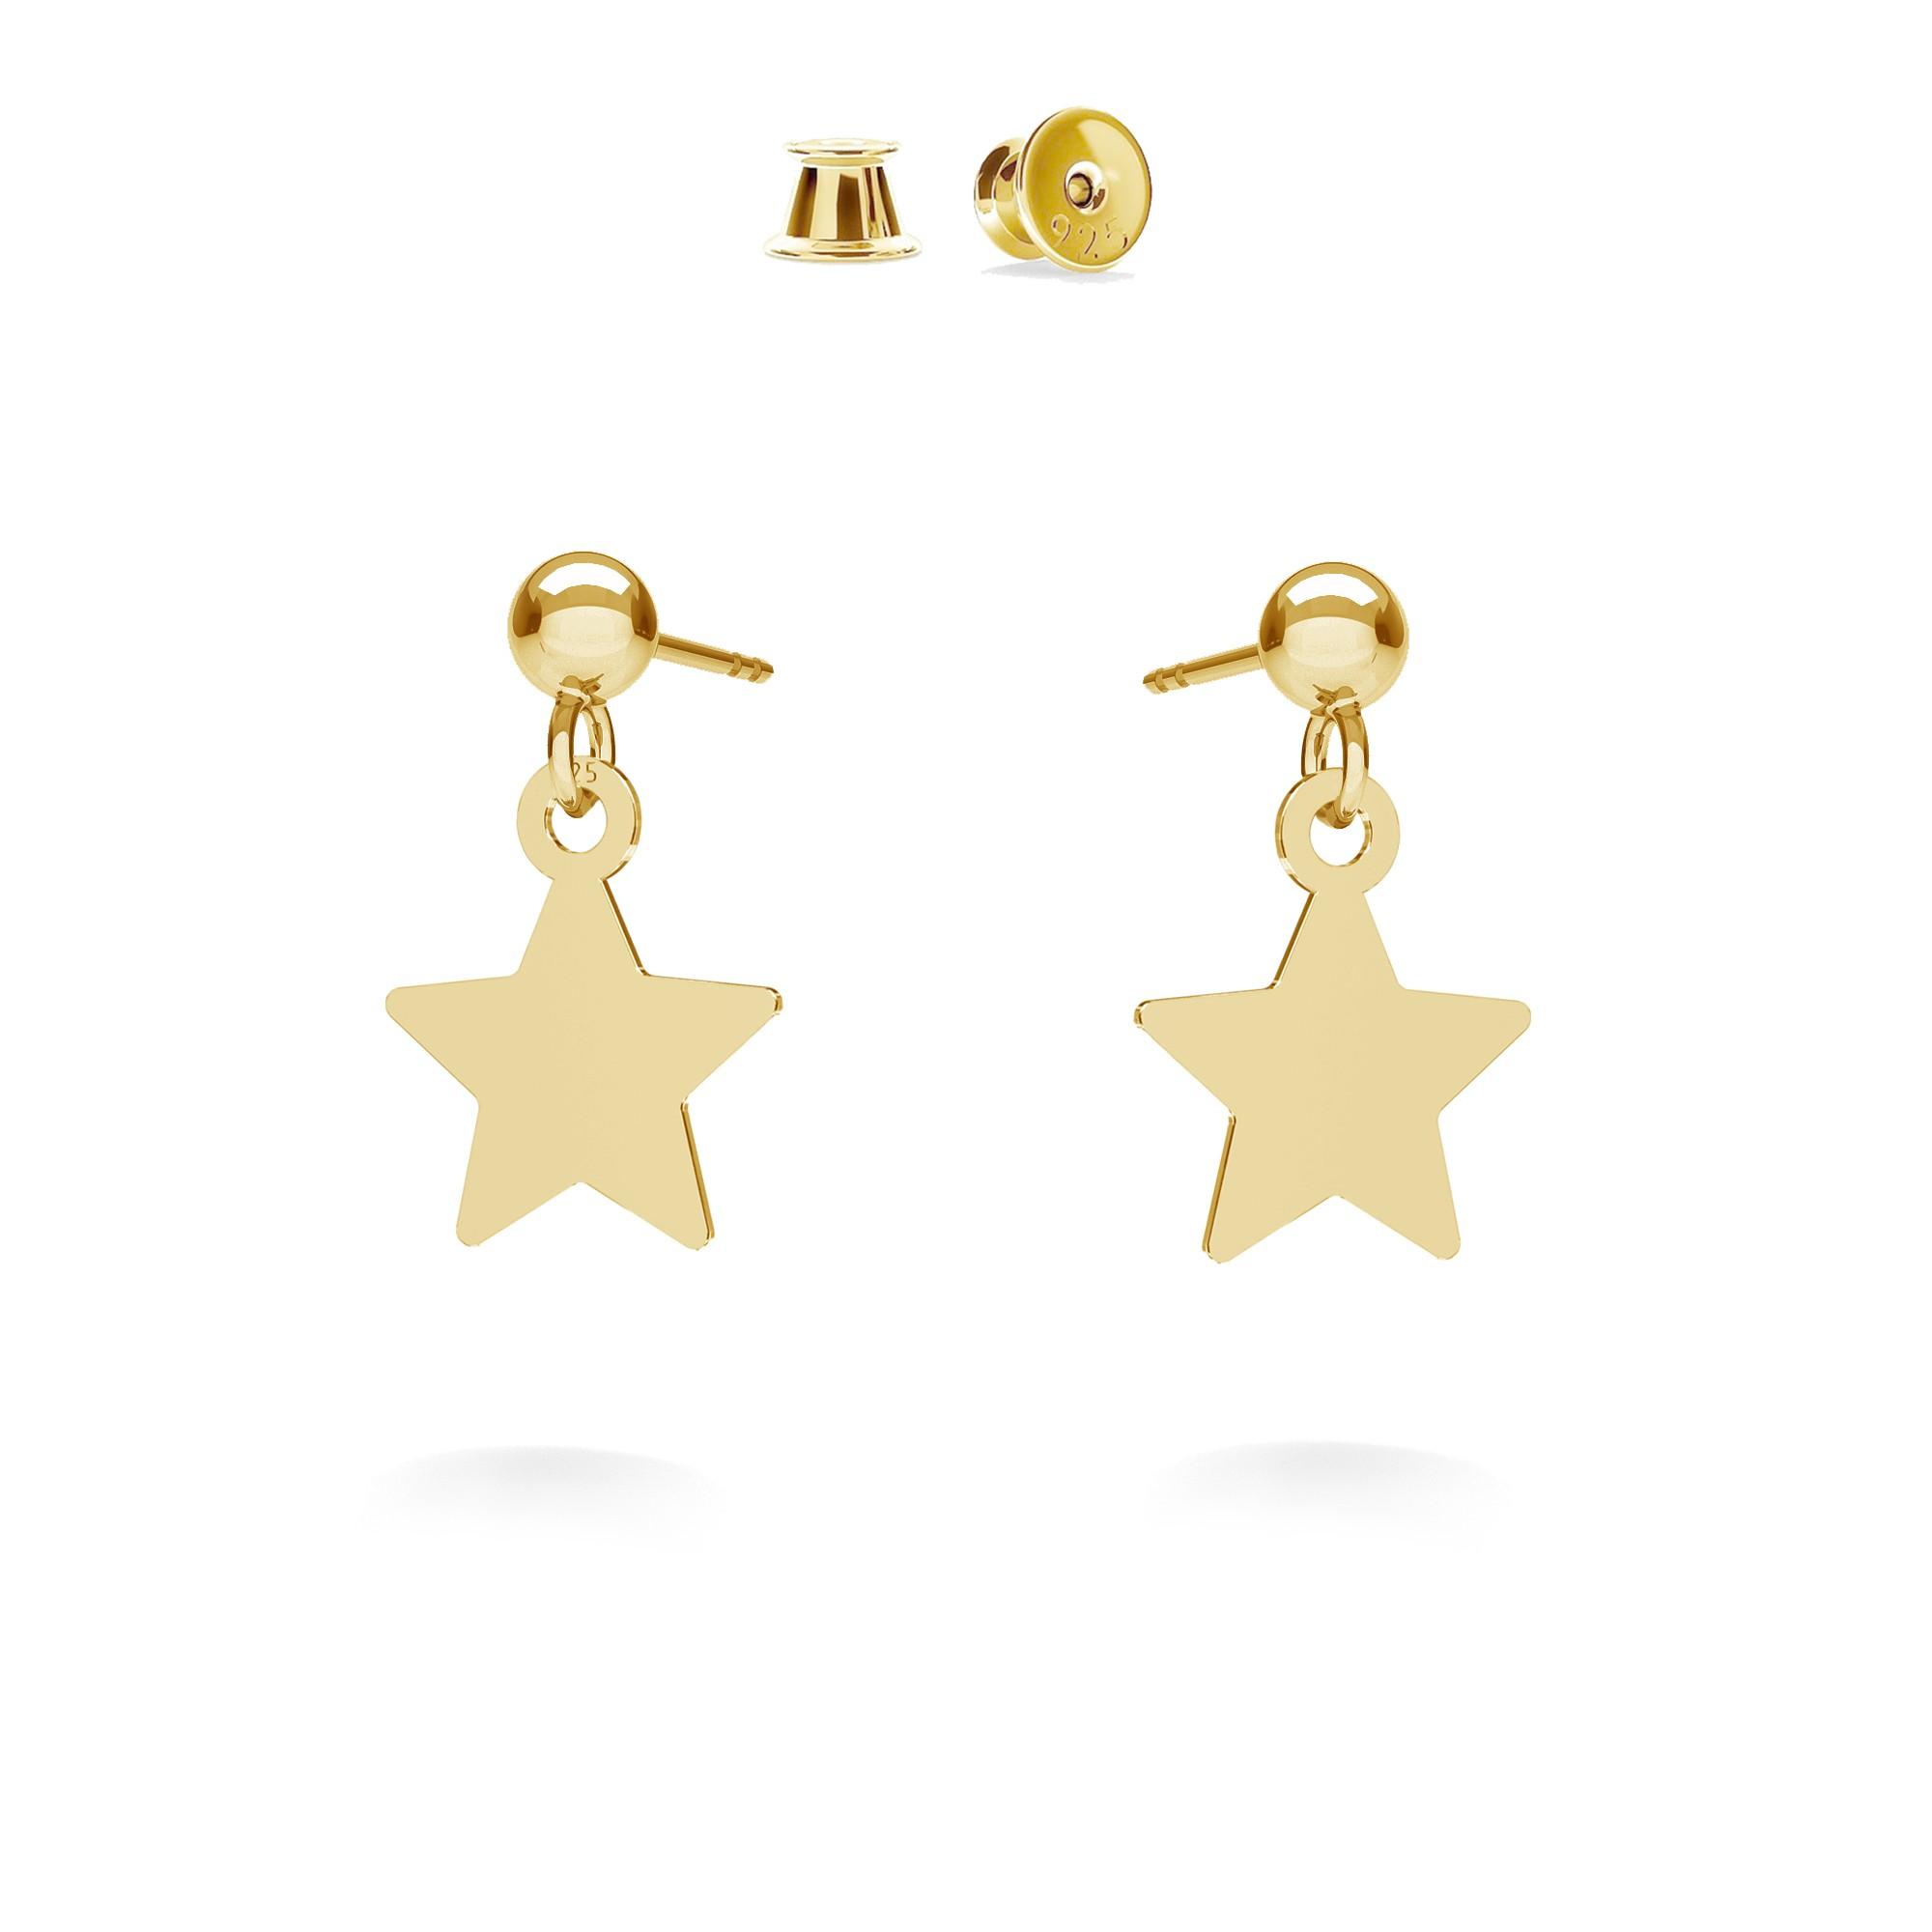 Kolczyki wiszące małe gwiazdki MON DÉFI, srebro 925